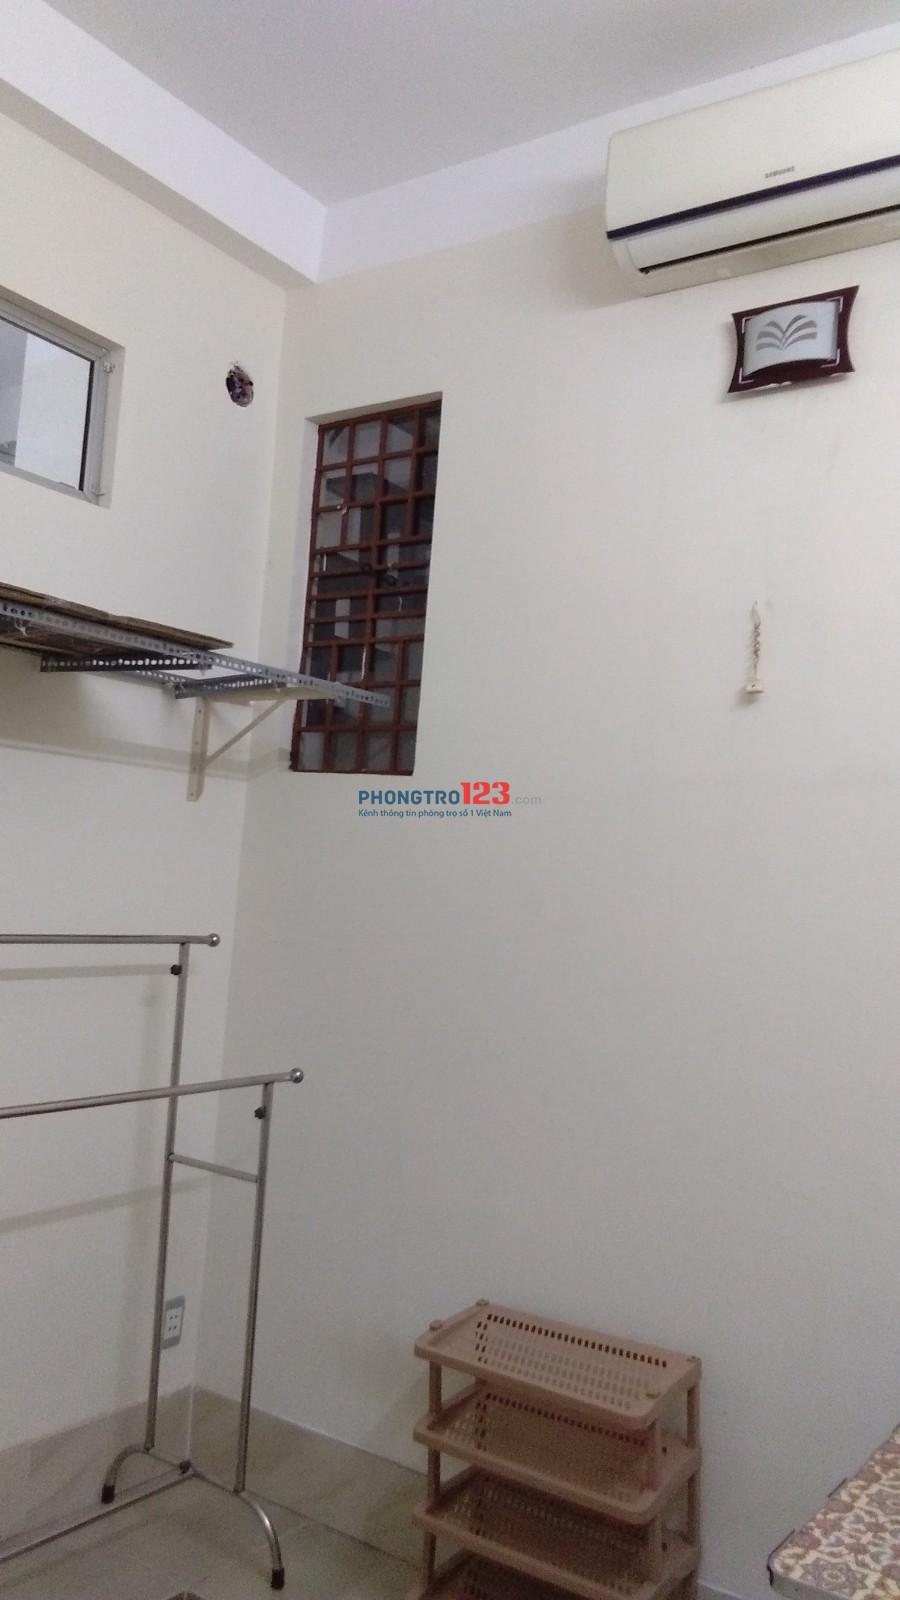 Phòng trọ máy lạnh, Tô Hiến Thành, Quận 10